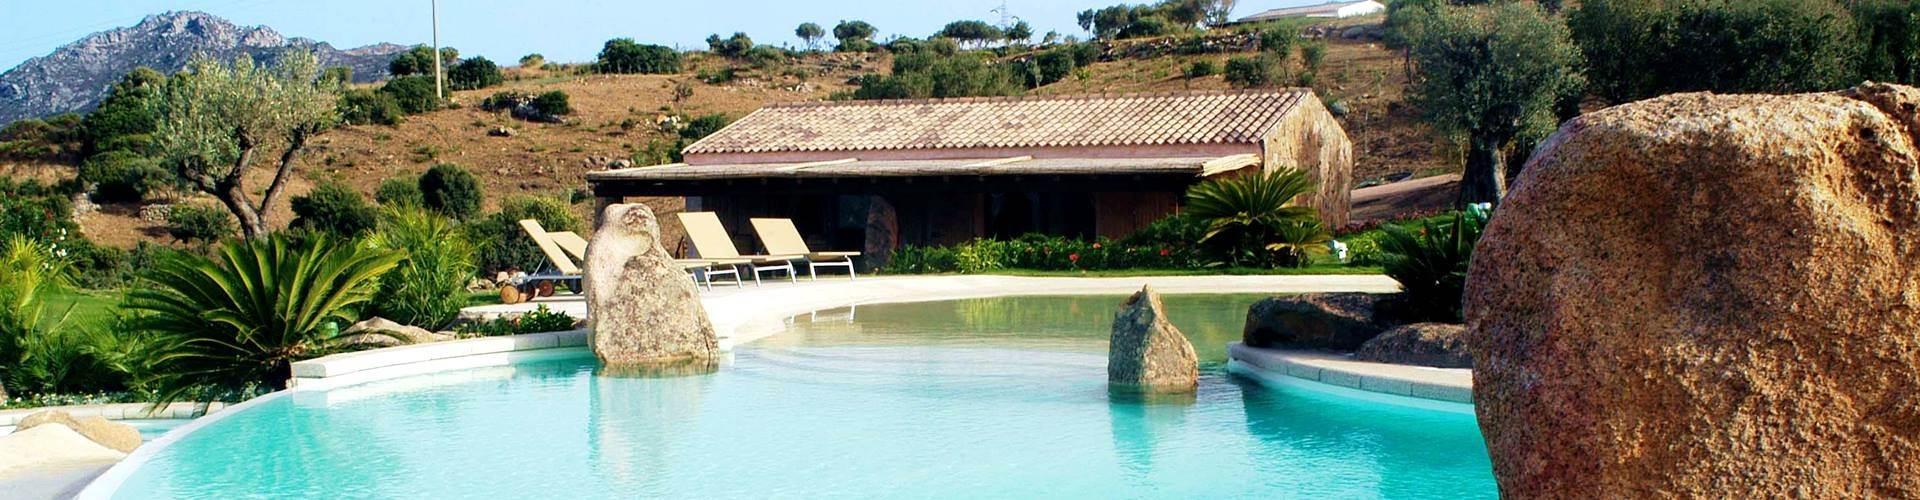 Costruzione piscine mantova mn realizzazione costruzione piscine mantova mn rivestimenti - Piscina mantova ...